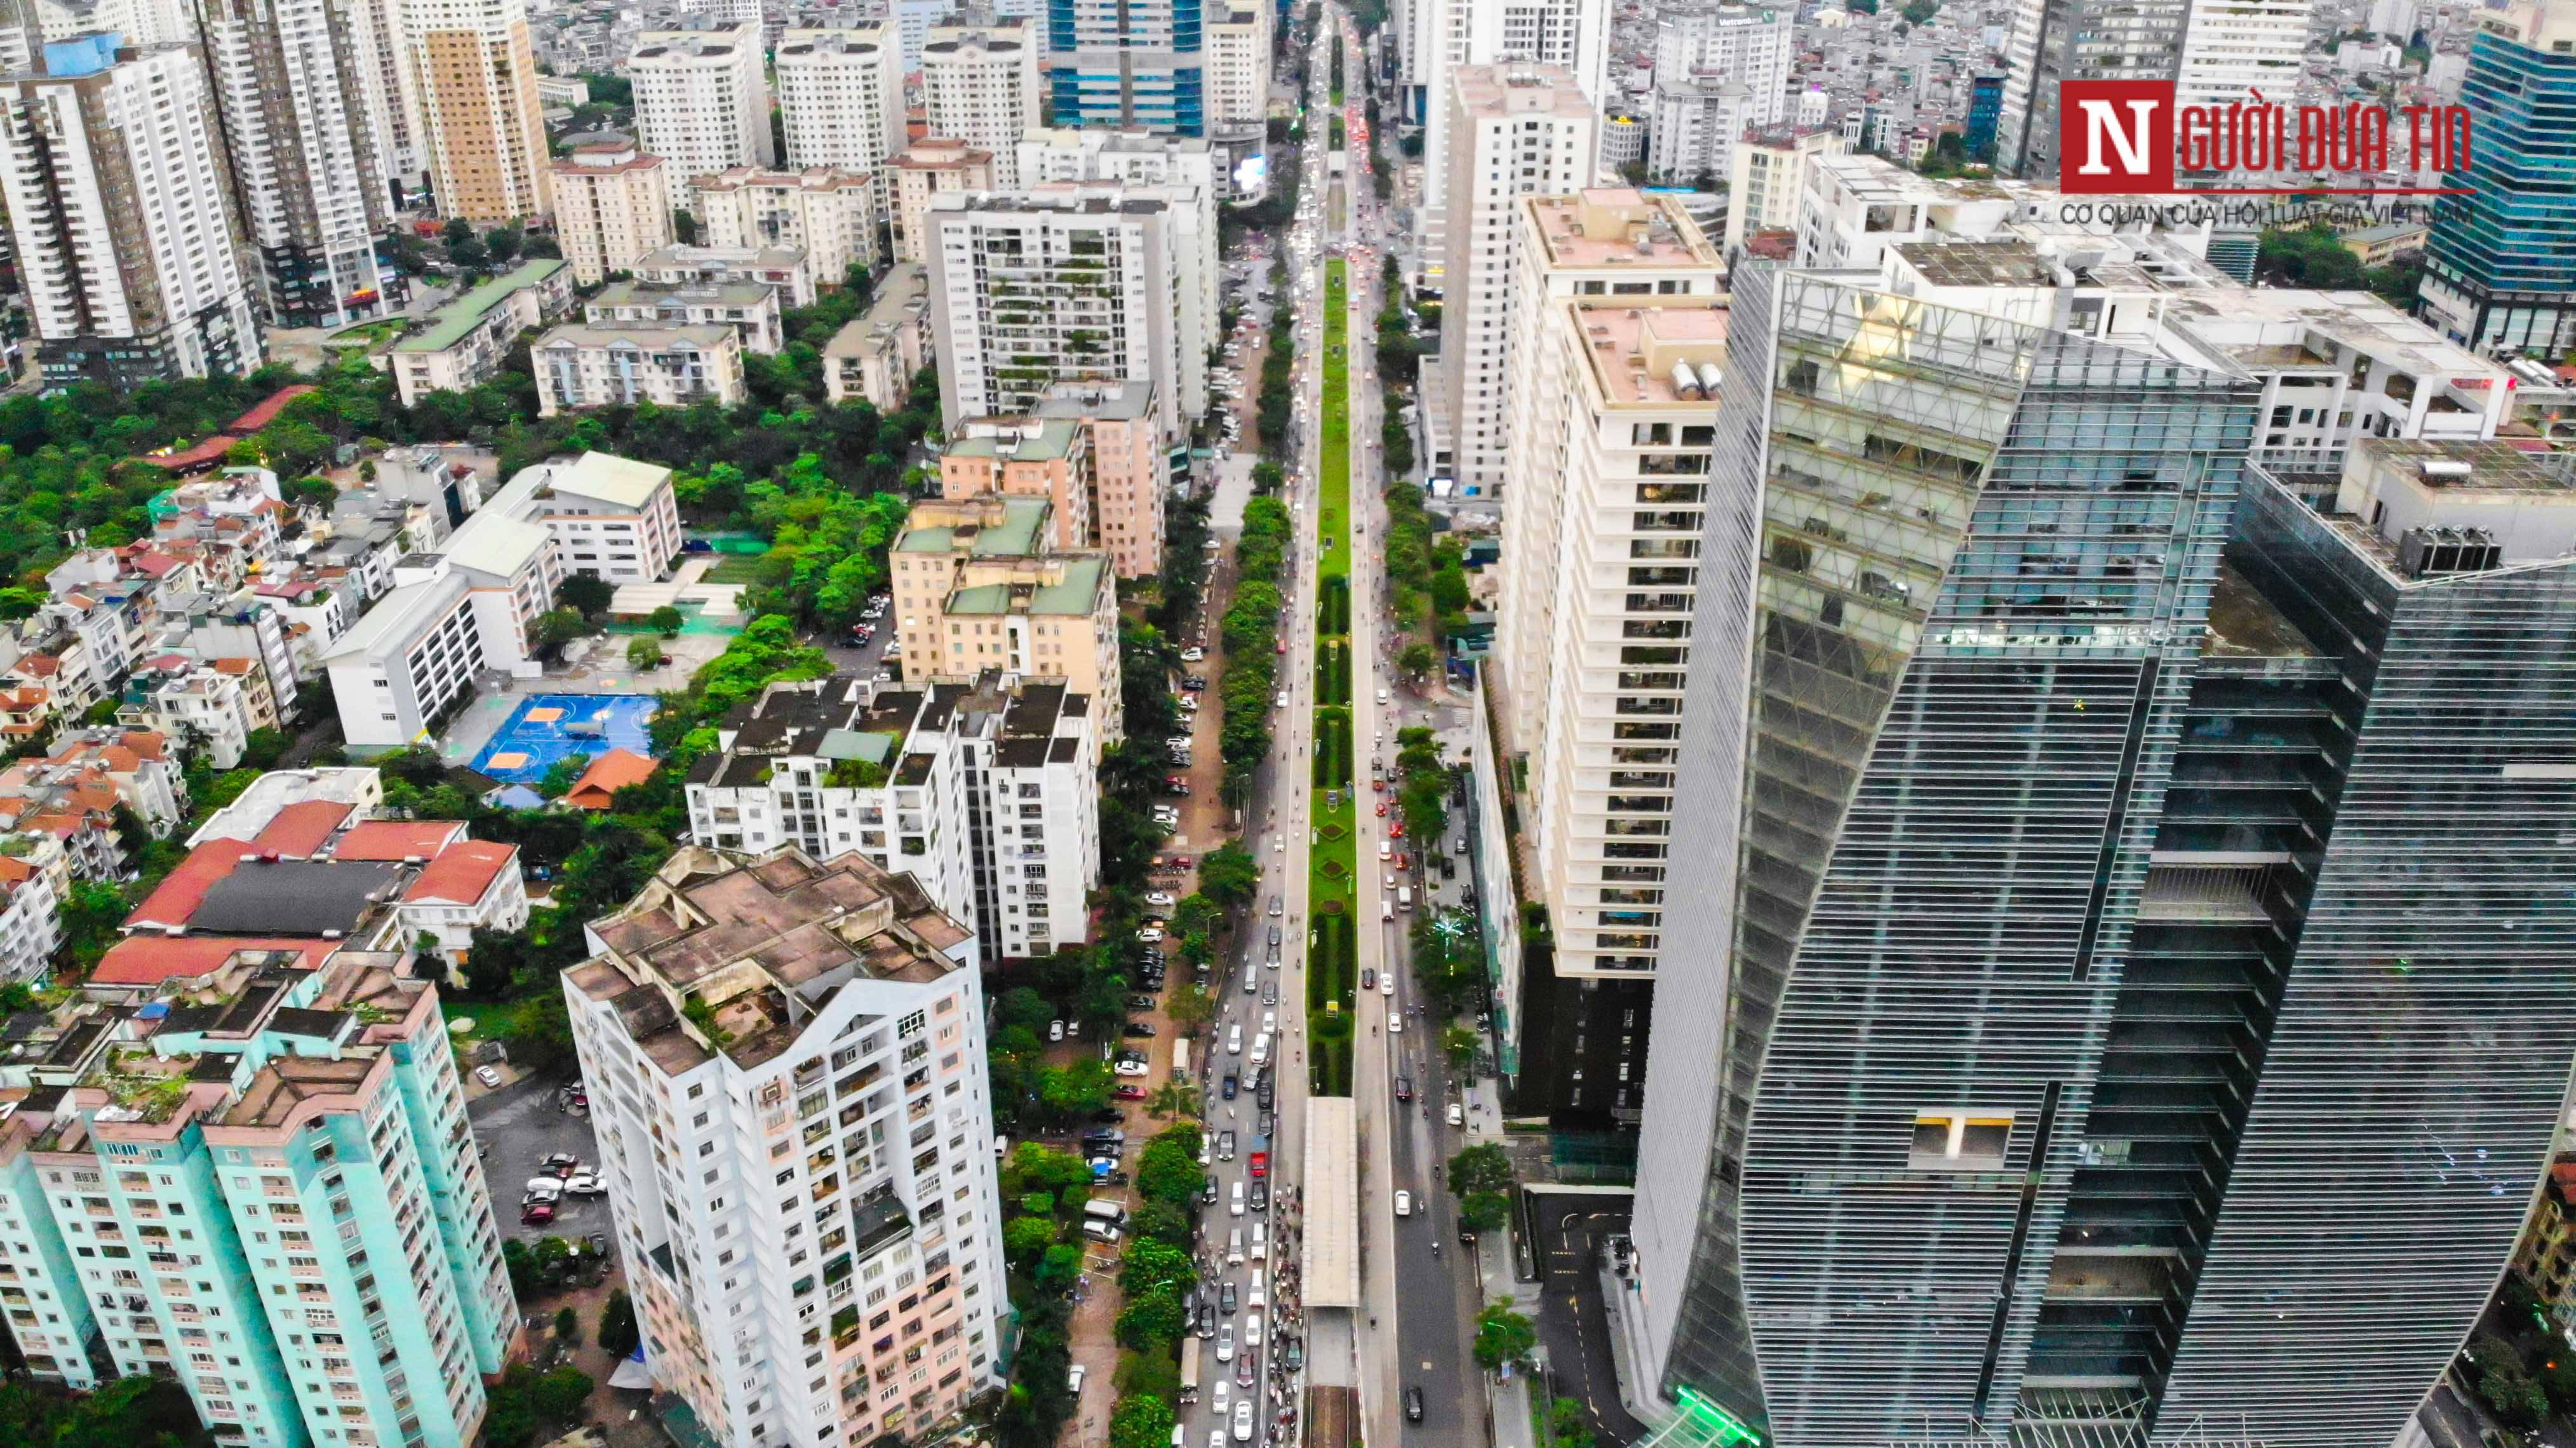 Bất động sản - Cận cảnh tuyến đường dài 2km cõng tới 40 toà nhà cao ốc tại Thủ đô (Hình 5).